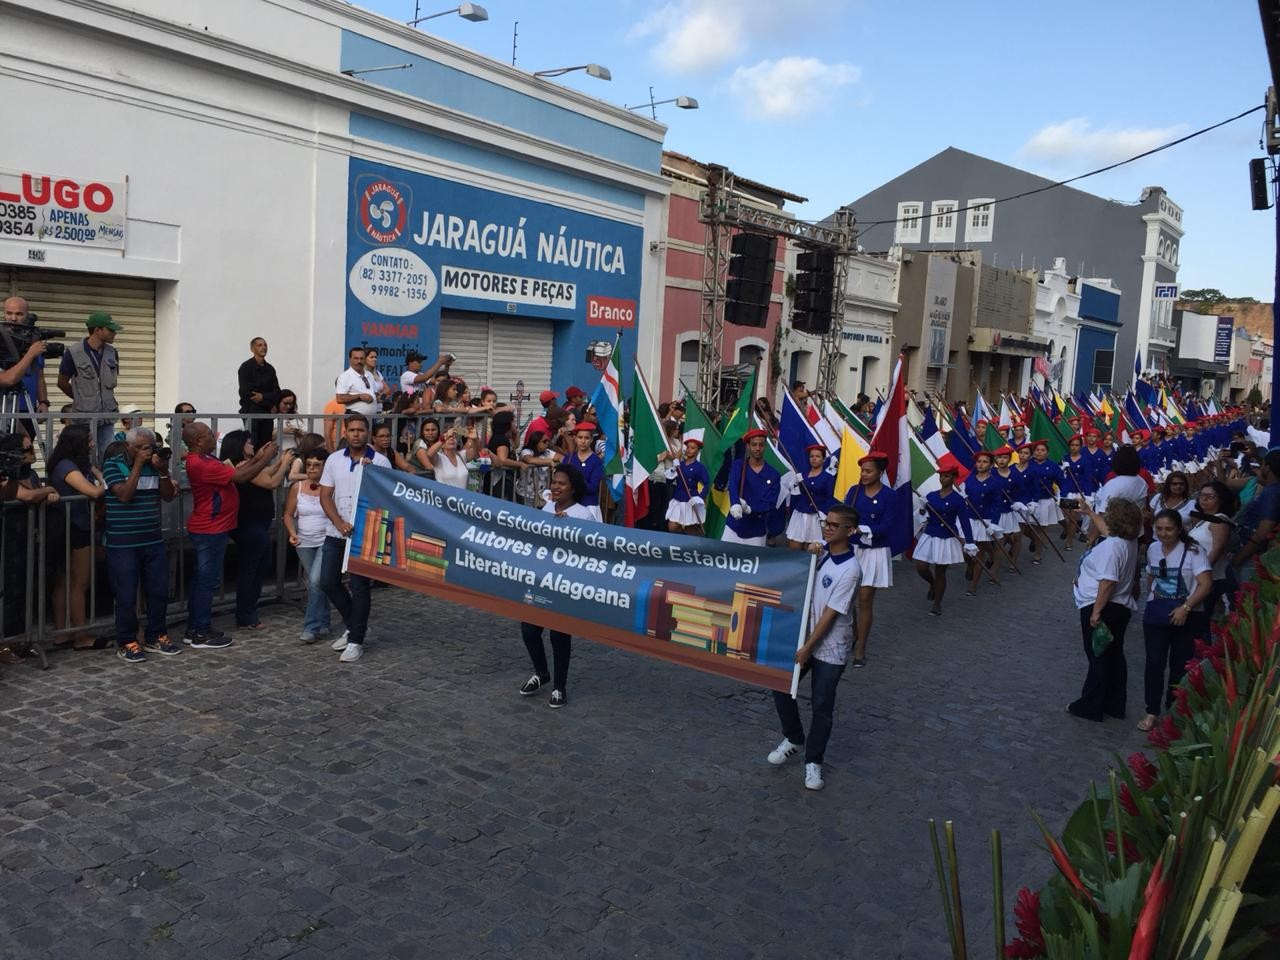 Trânsito do bairro de Jaraguá será modificado para desfile cívico de Emancipação Política de Alagoas - Notícias - Plantão Diário